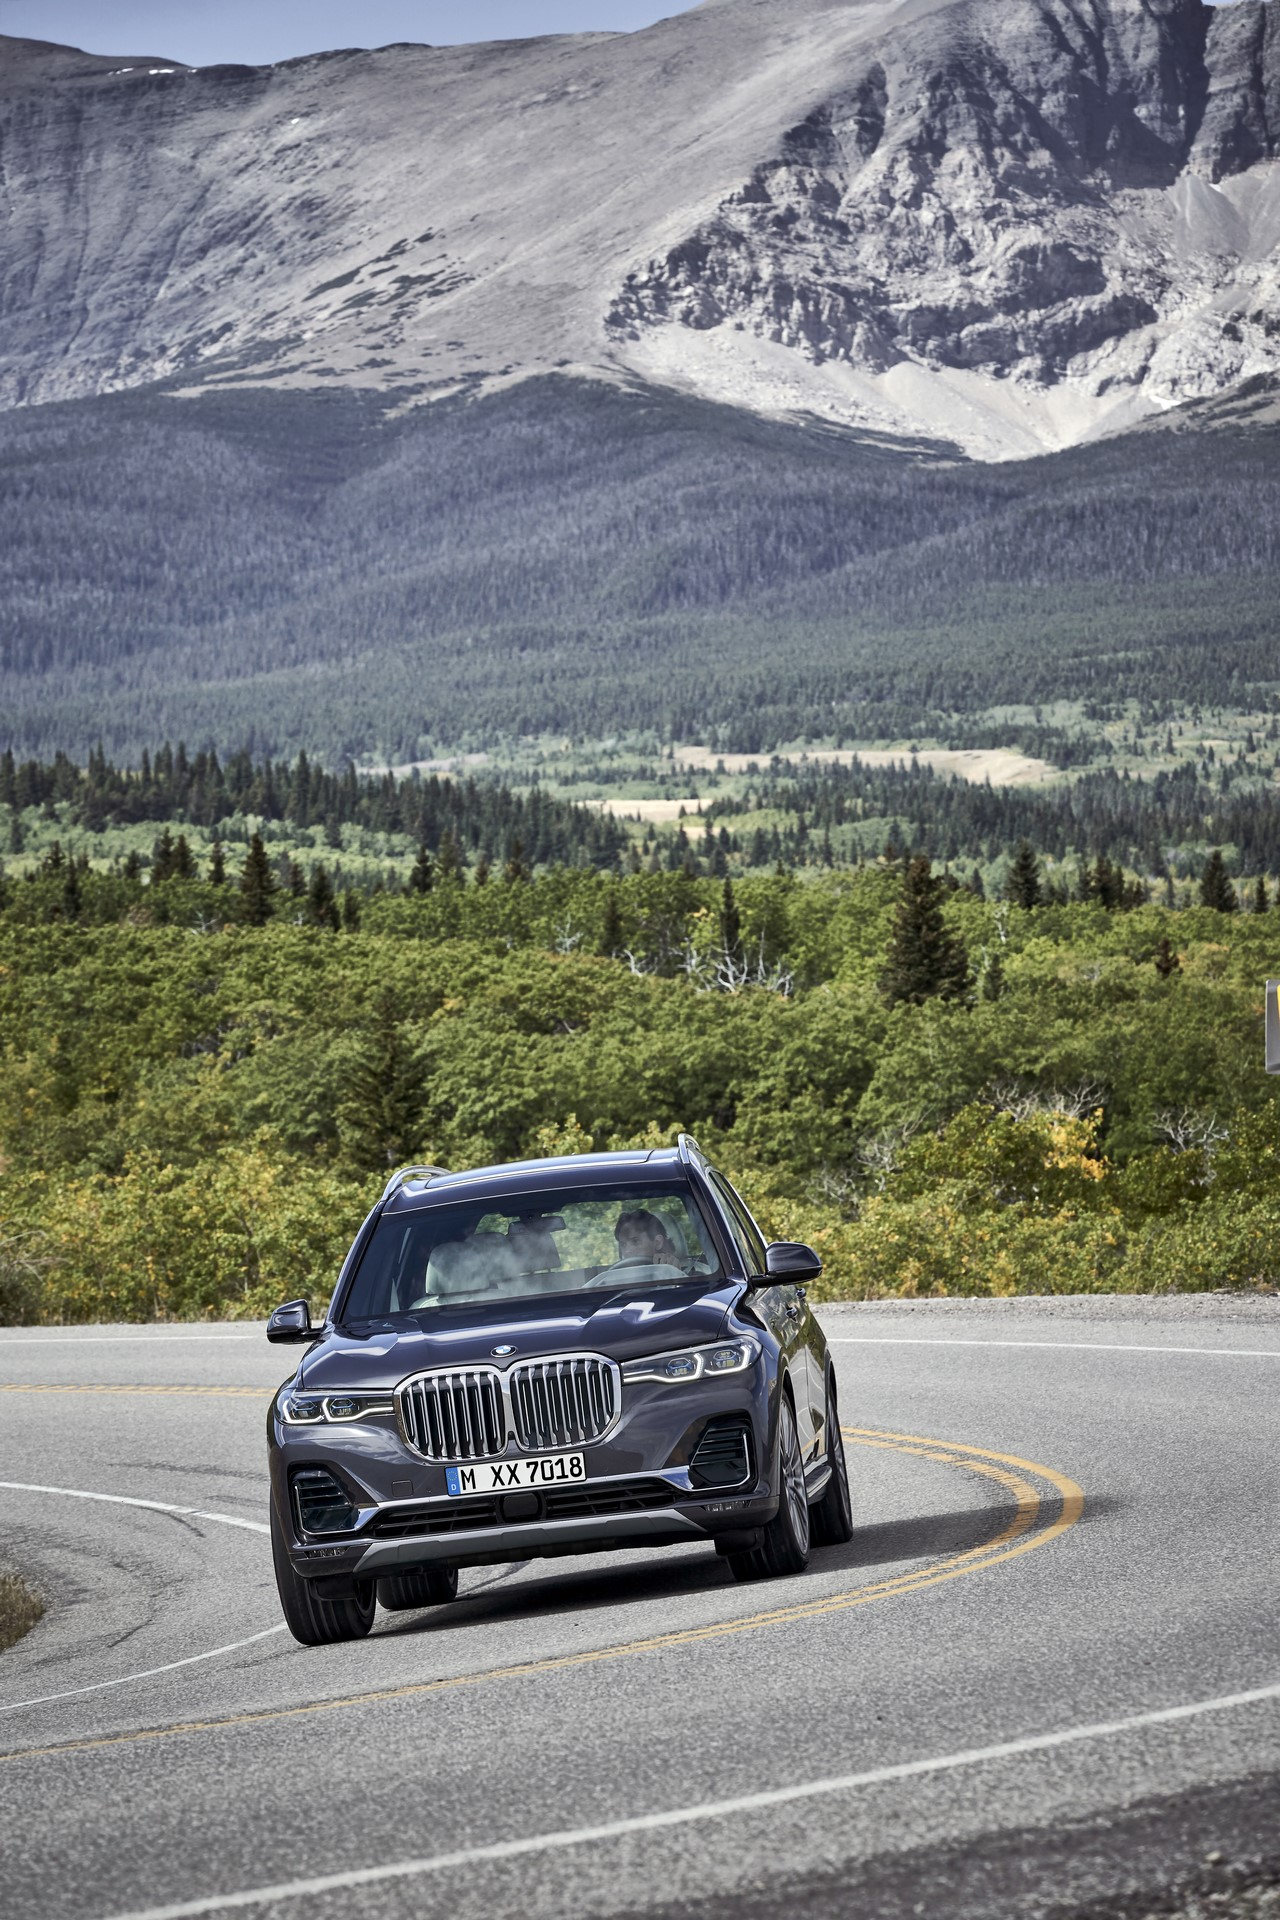 BMW X7 2019 (30)